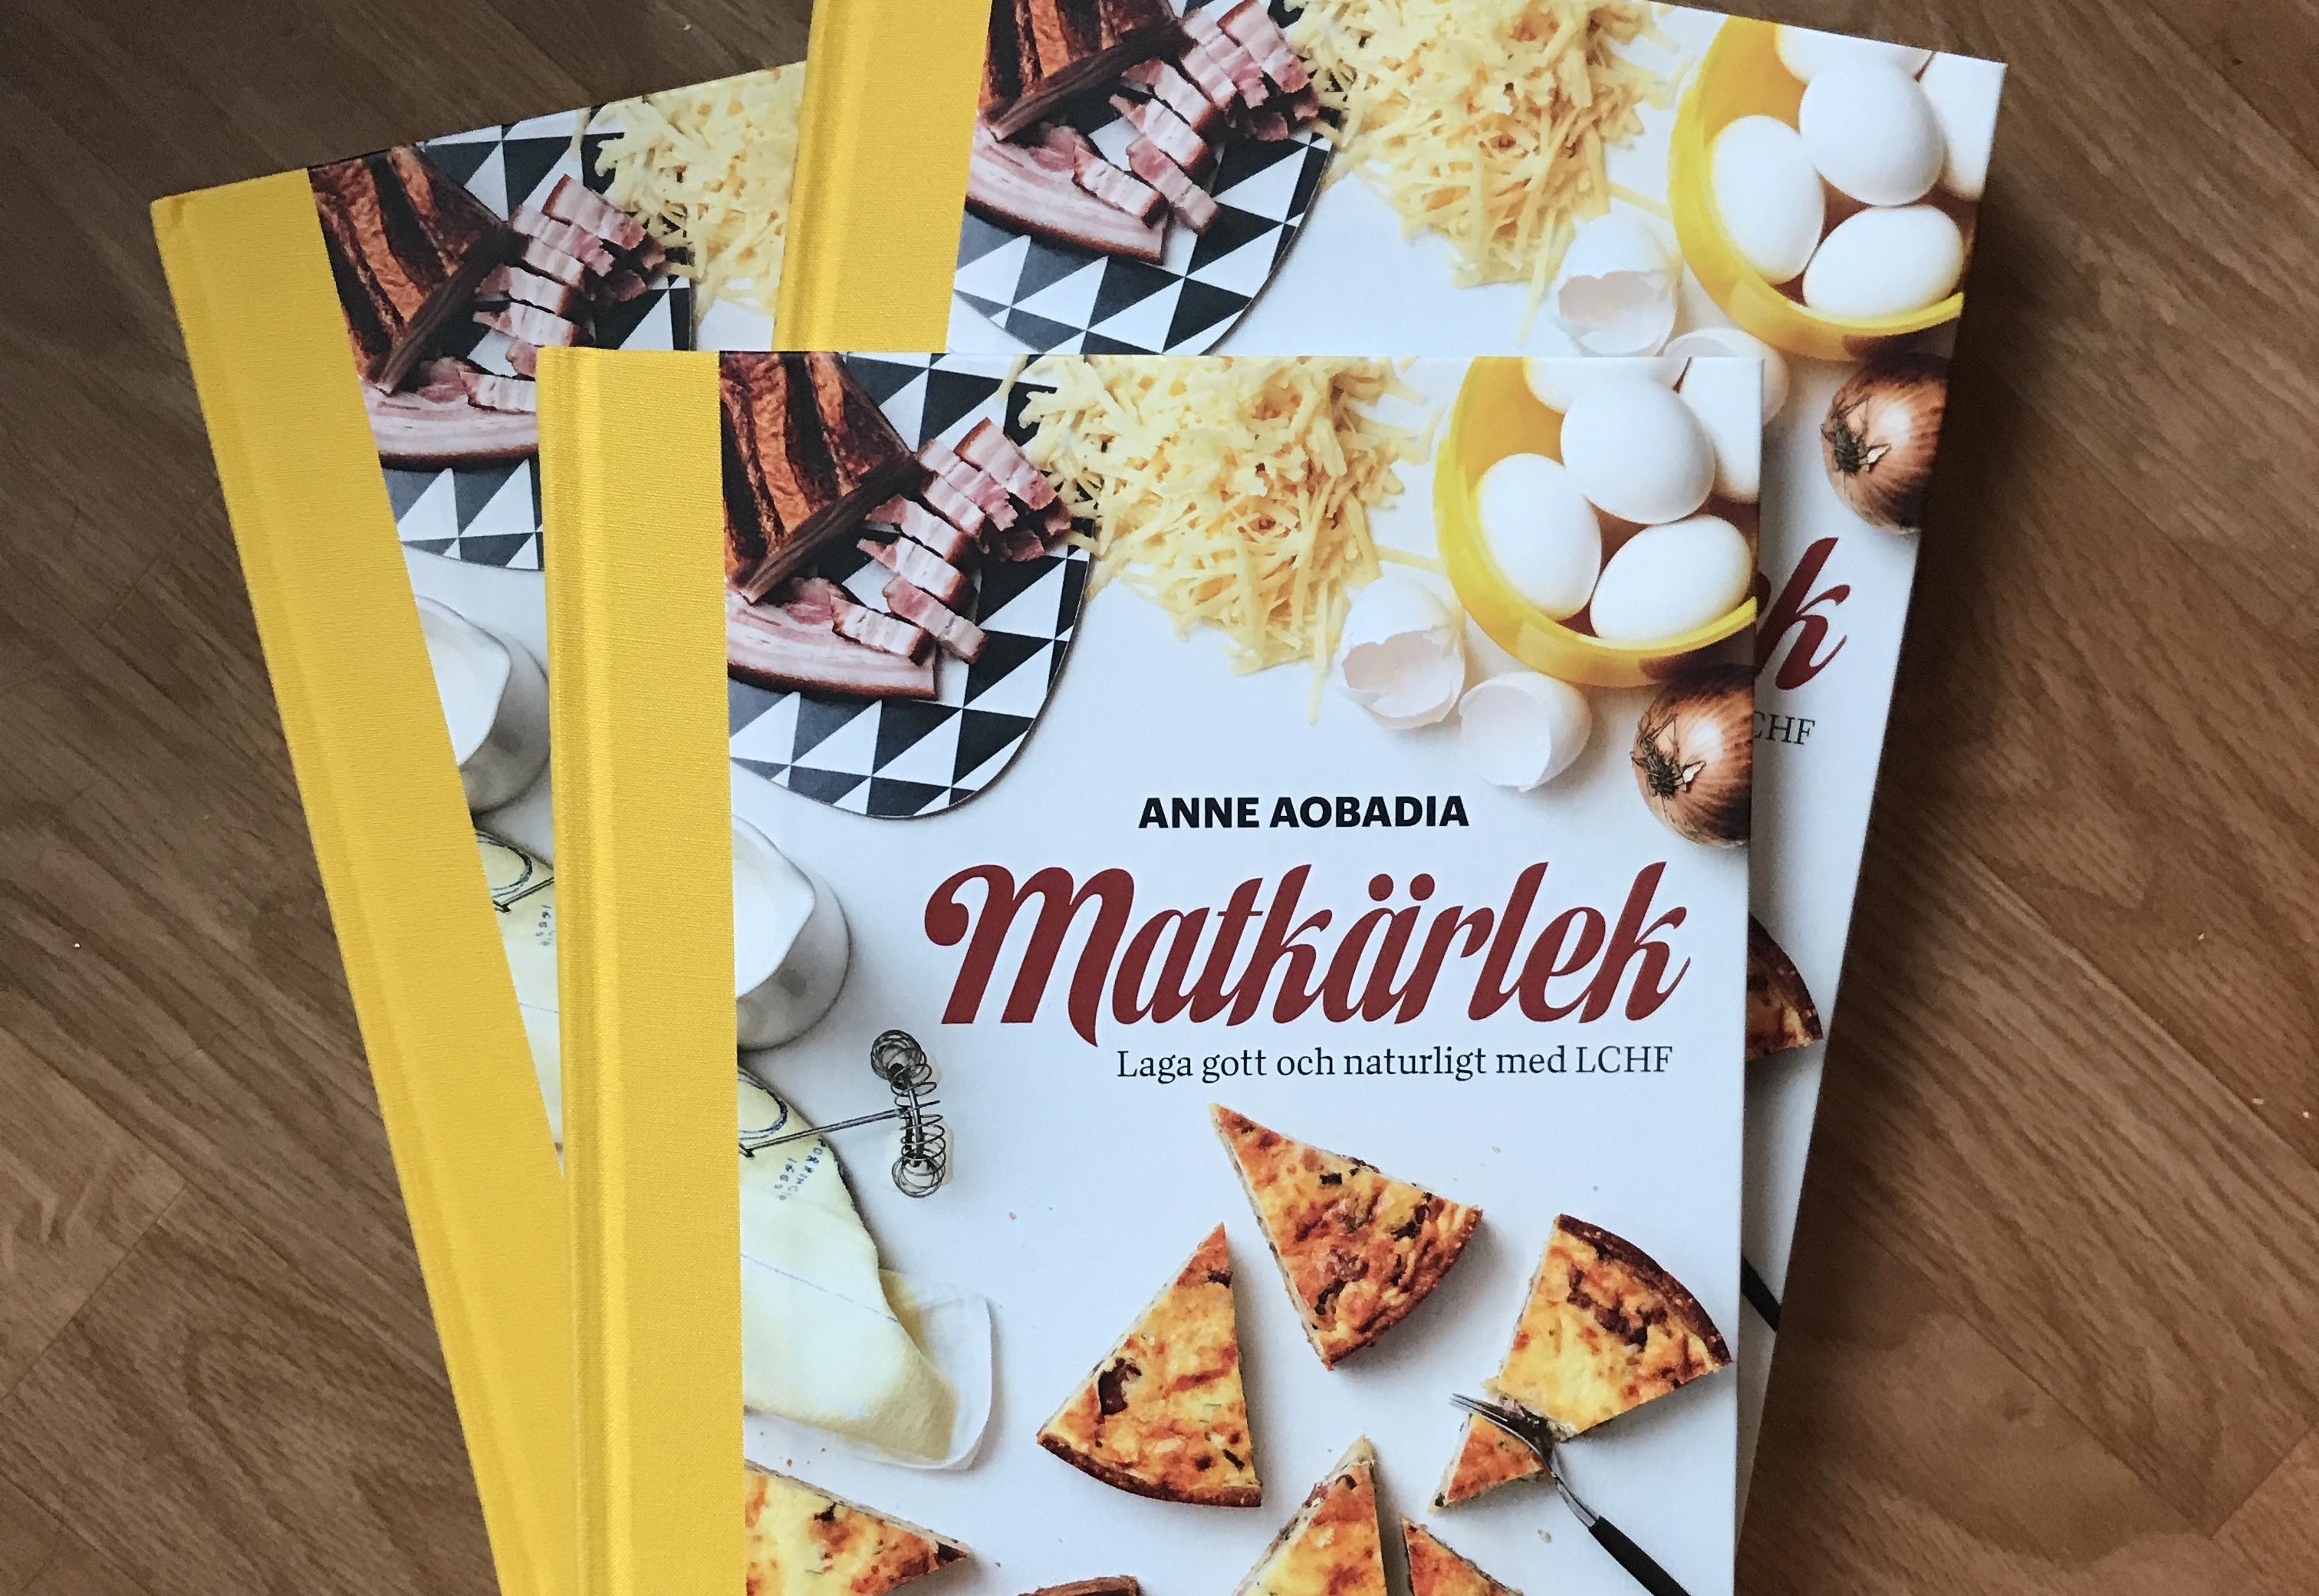 Igår skickades sista exemplaret av Matkärlek till Anita Gradin.